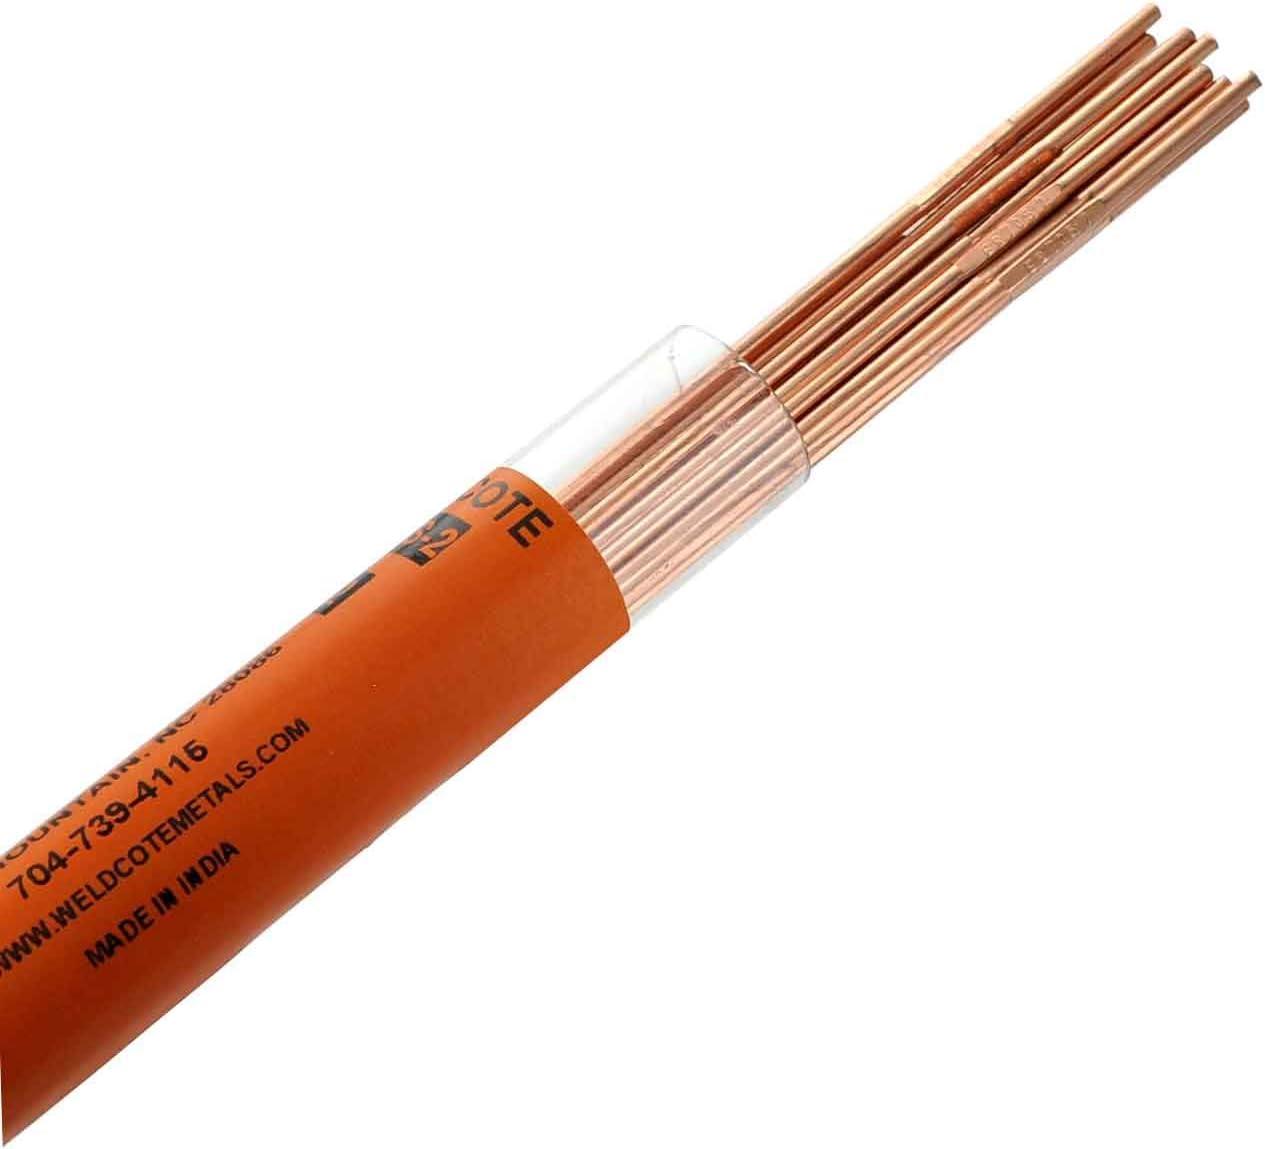 1//8 2LBS ER70S-2 Mild Steel TIG Welding Filler Rod 1//16 3//32 1//8 x 36 2LBS